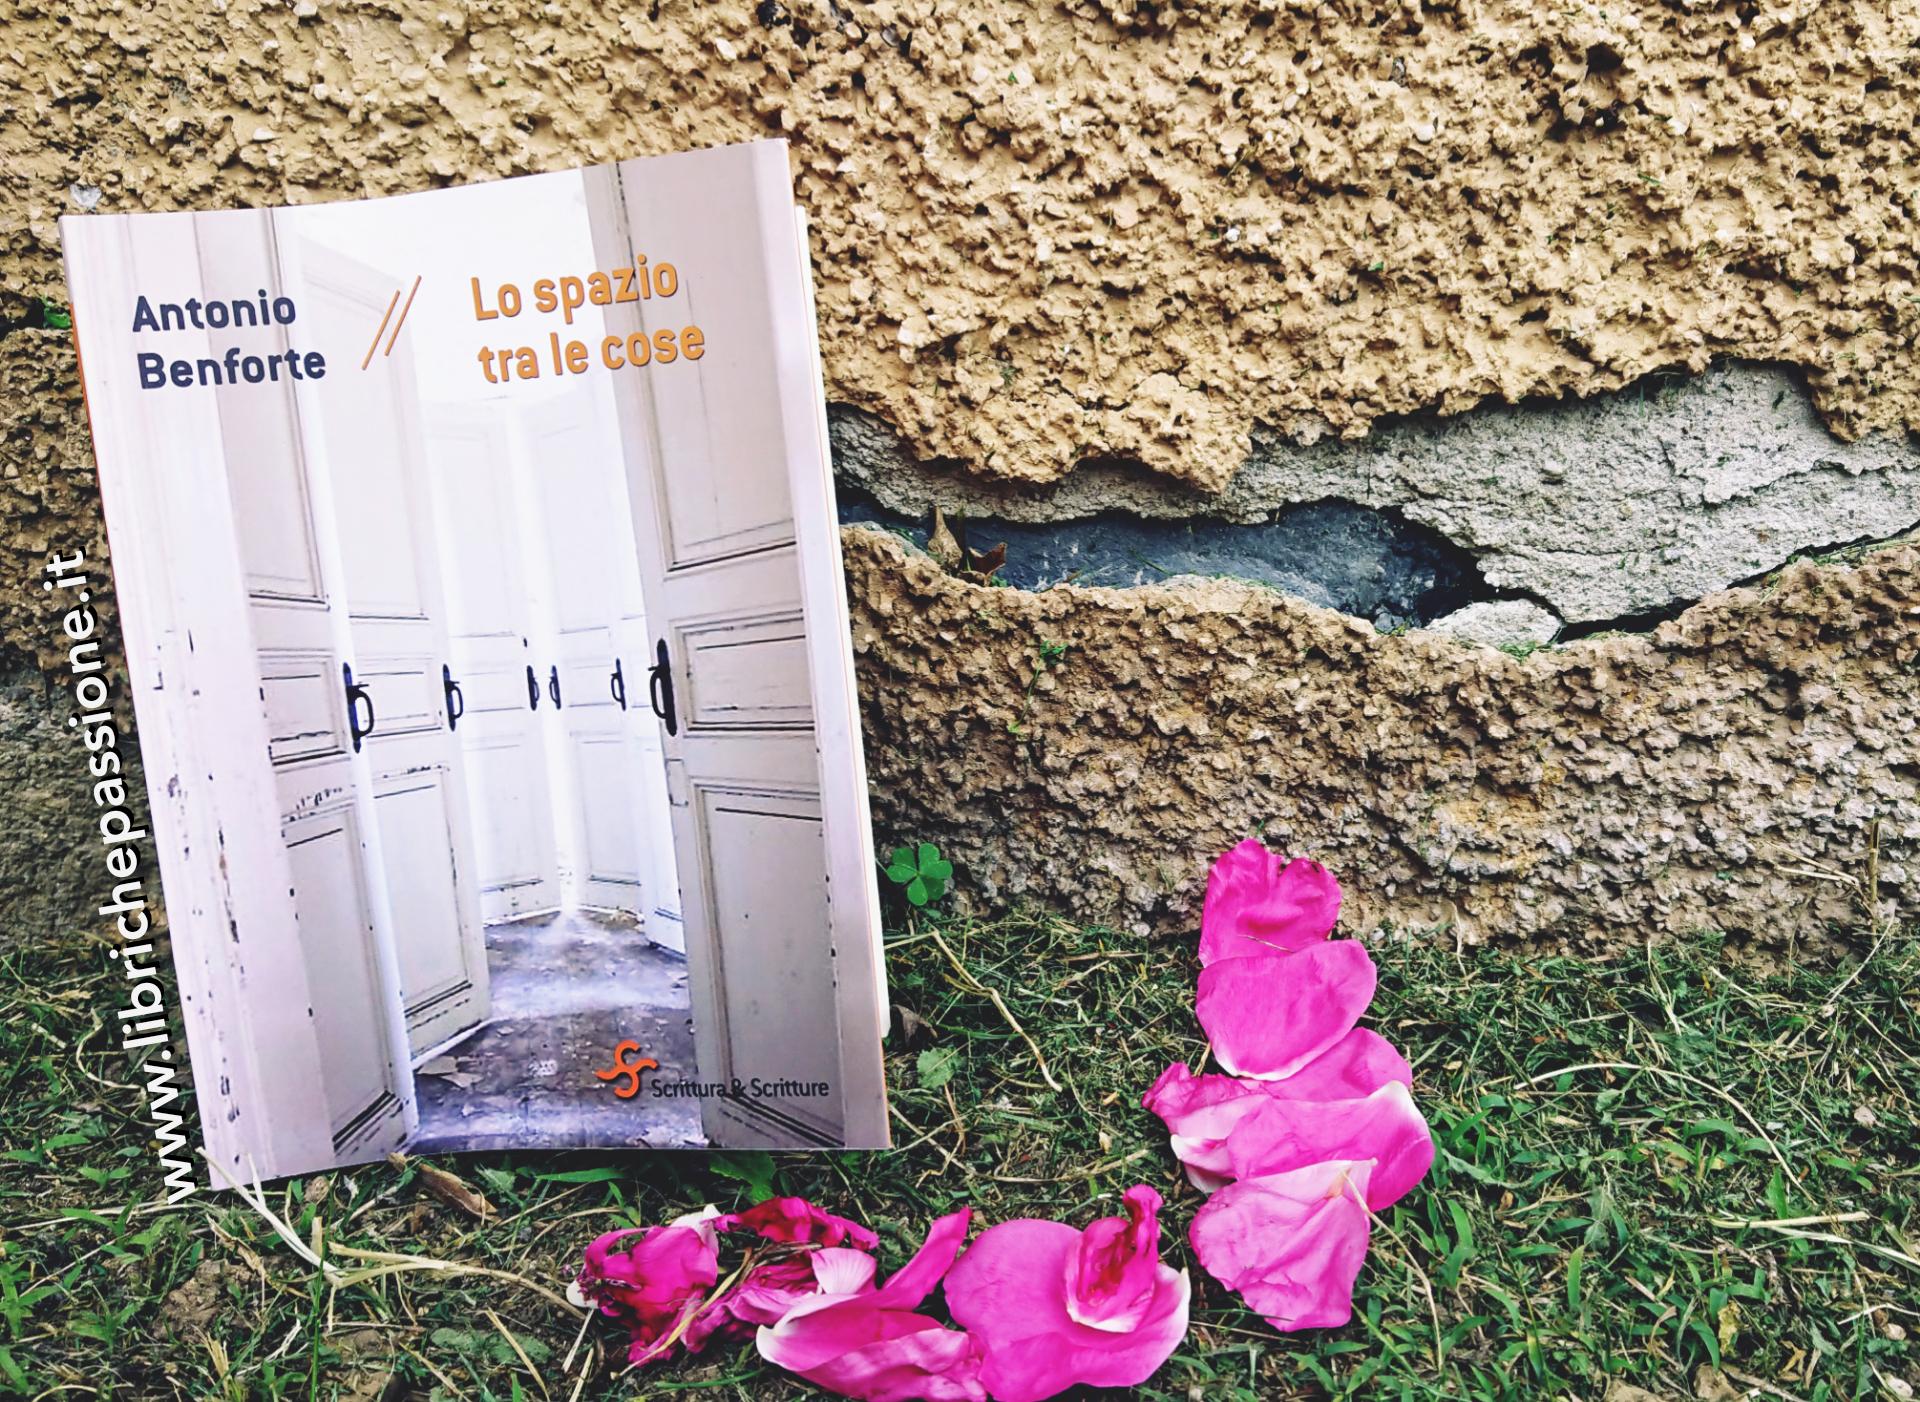 """Recensione del romanzo """"Lo spazio tra le cose"""" di Antonio Benforte edito da Scrittura & Scritture"""